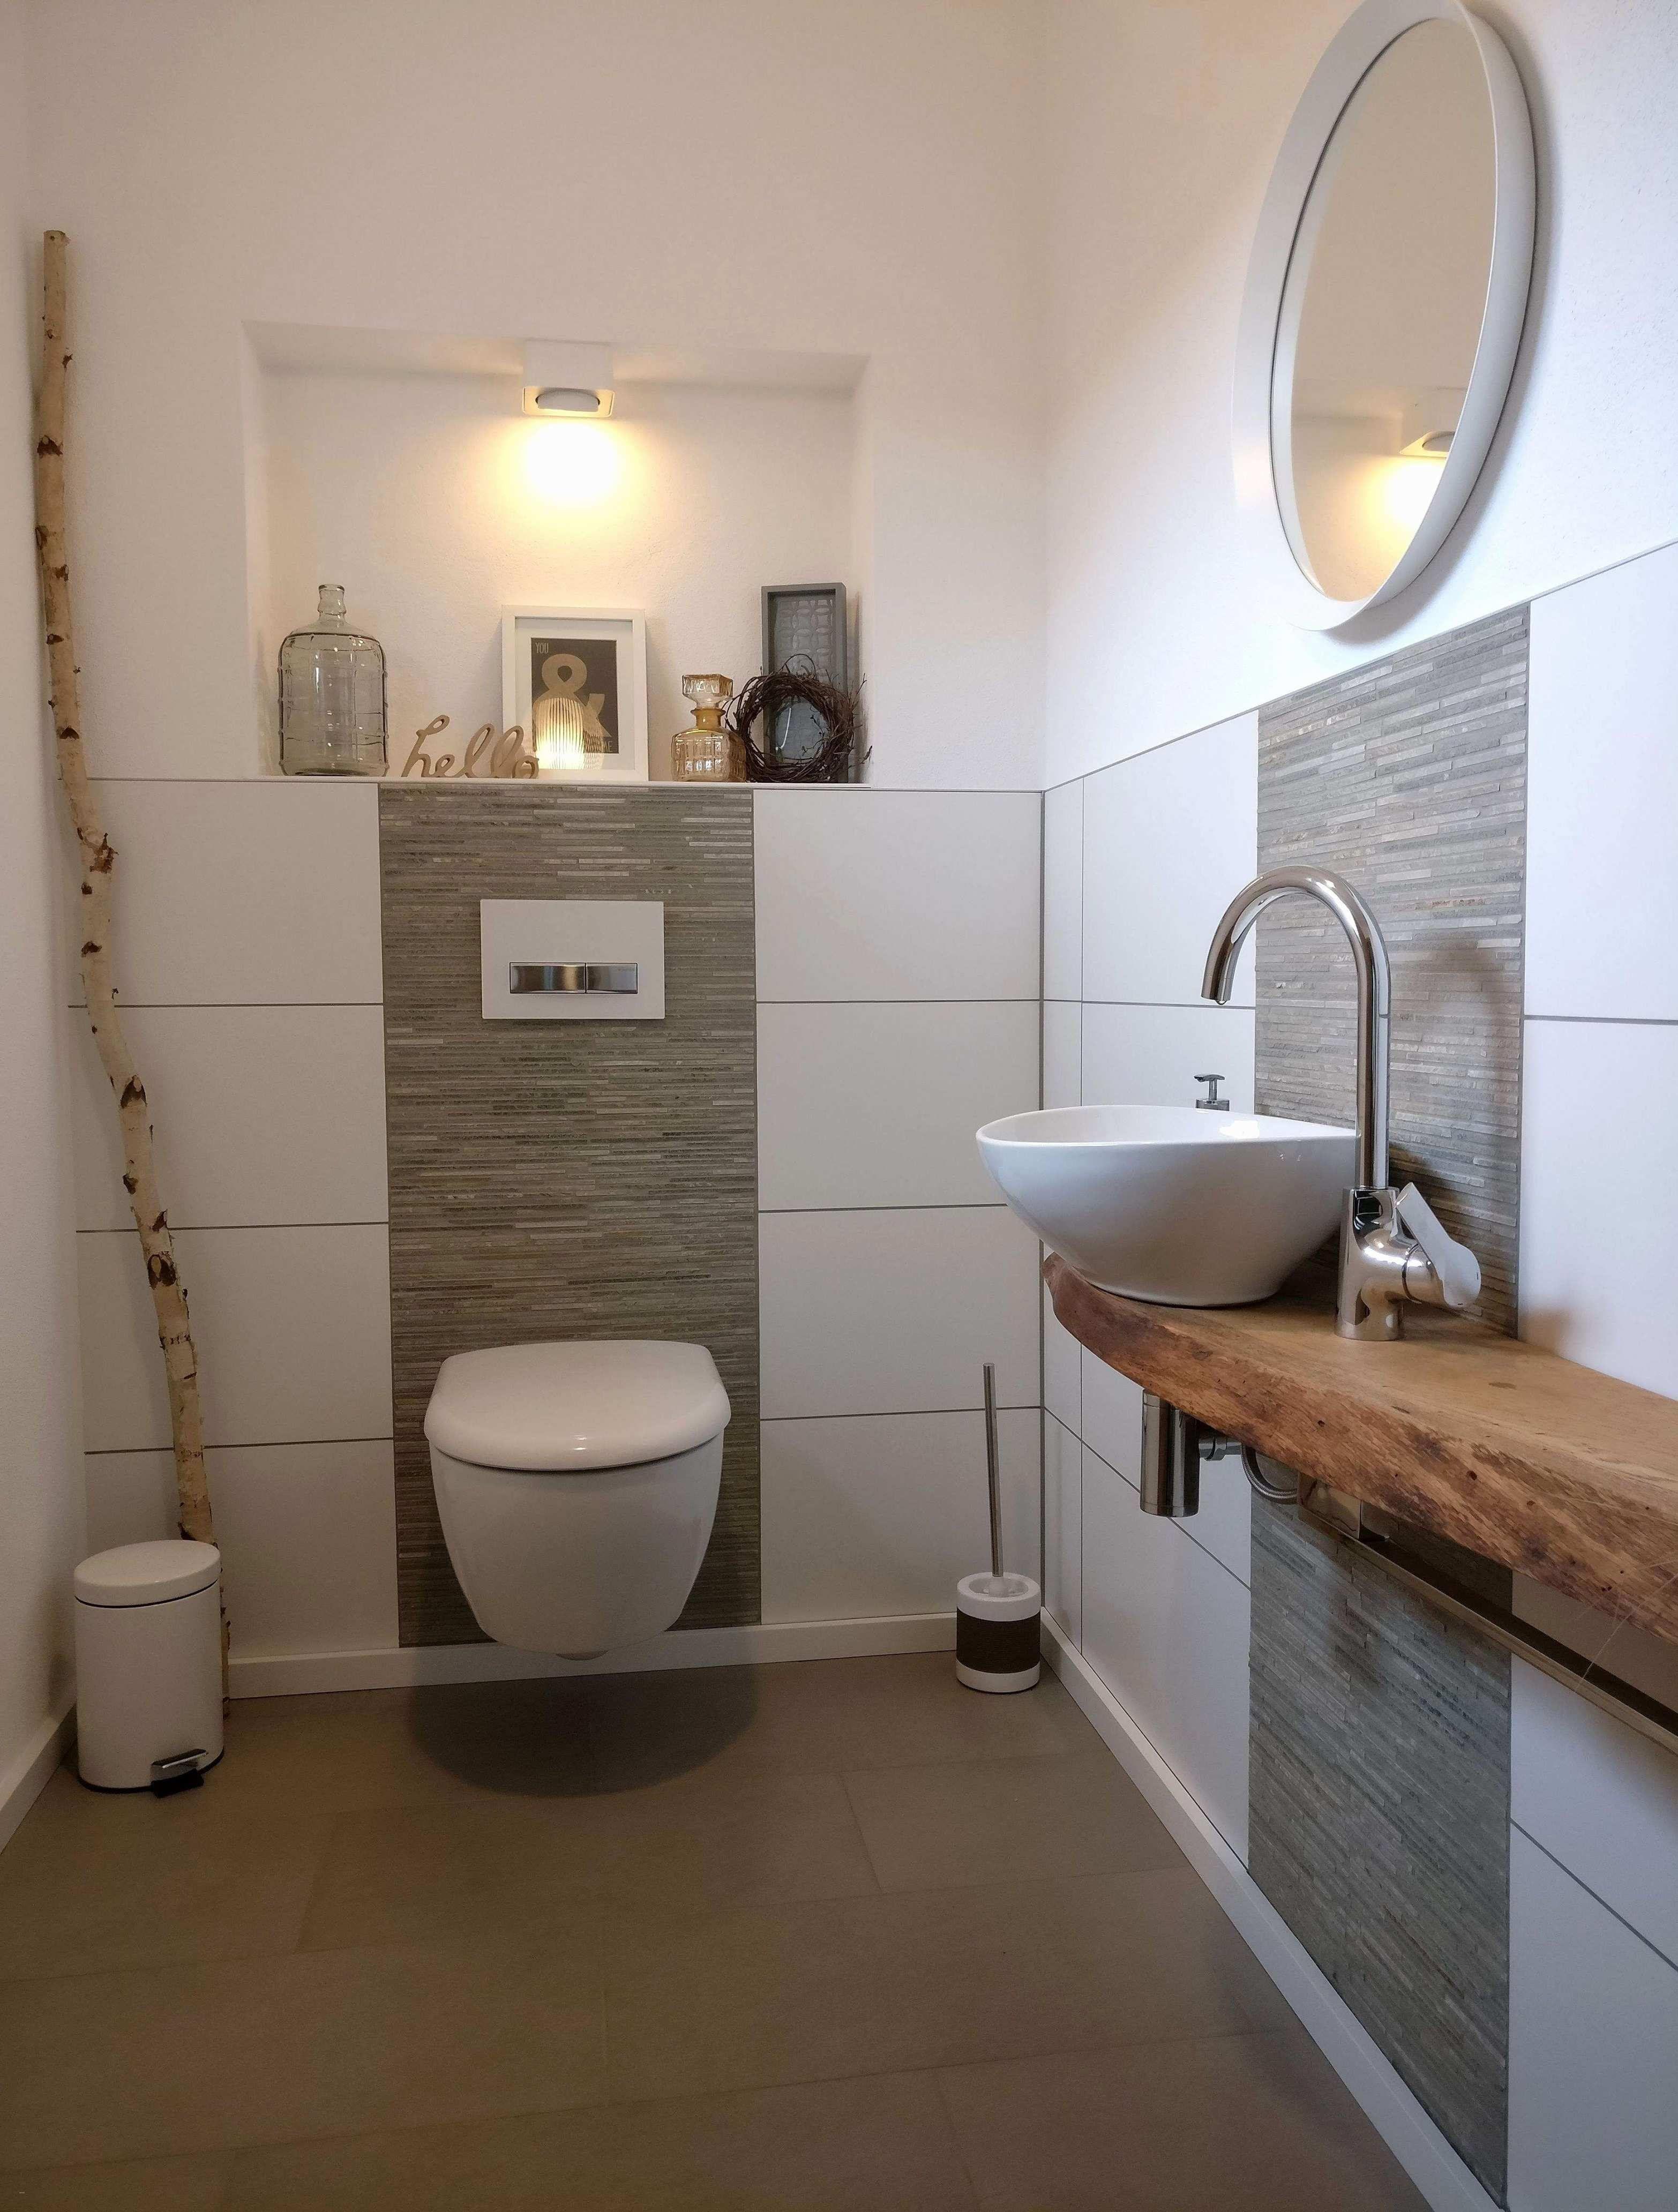 8 Kleines Bad Renovieren Vorher Nachher Wohndesign ...